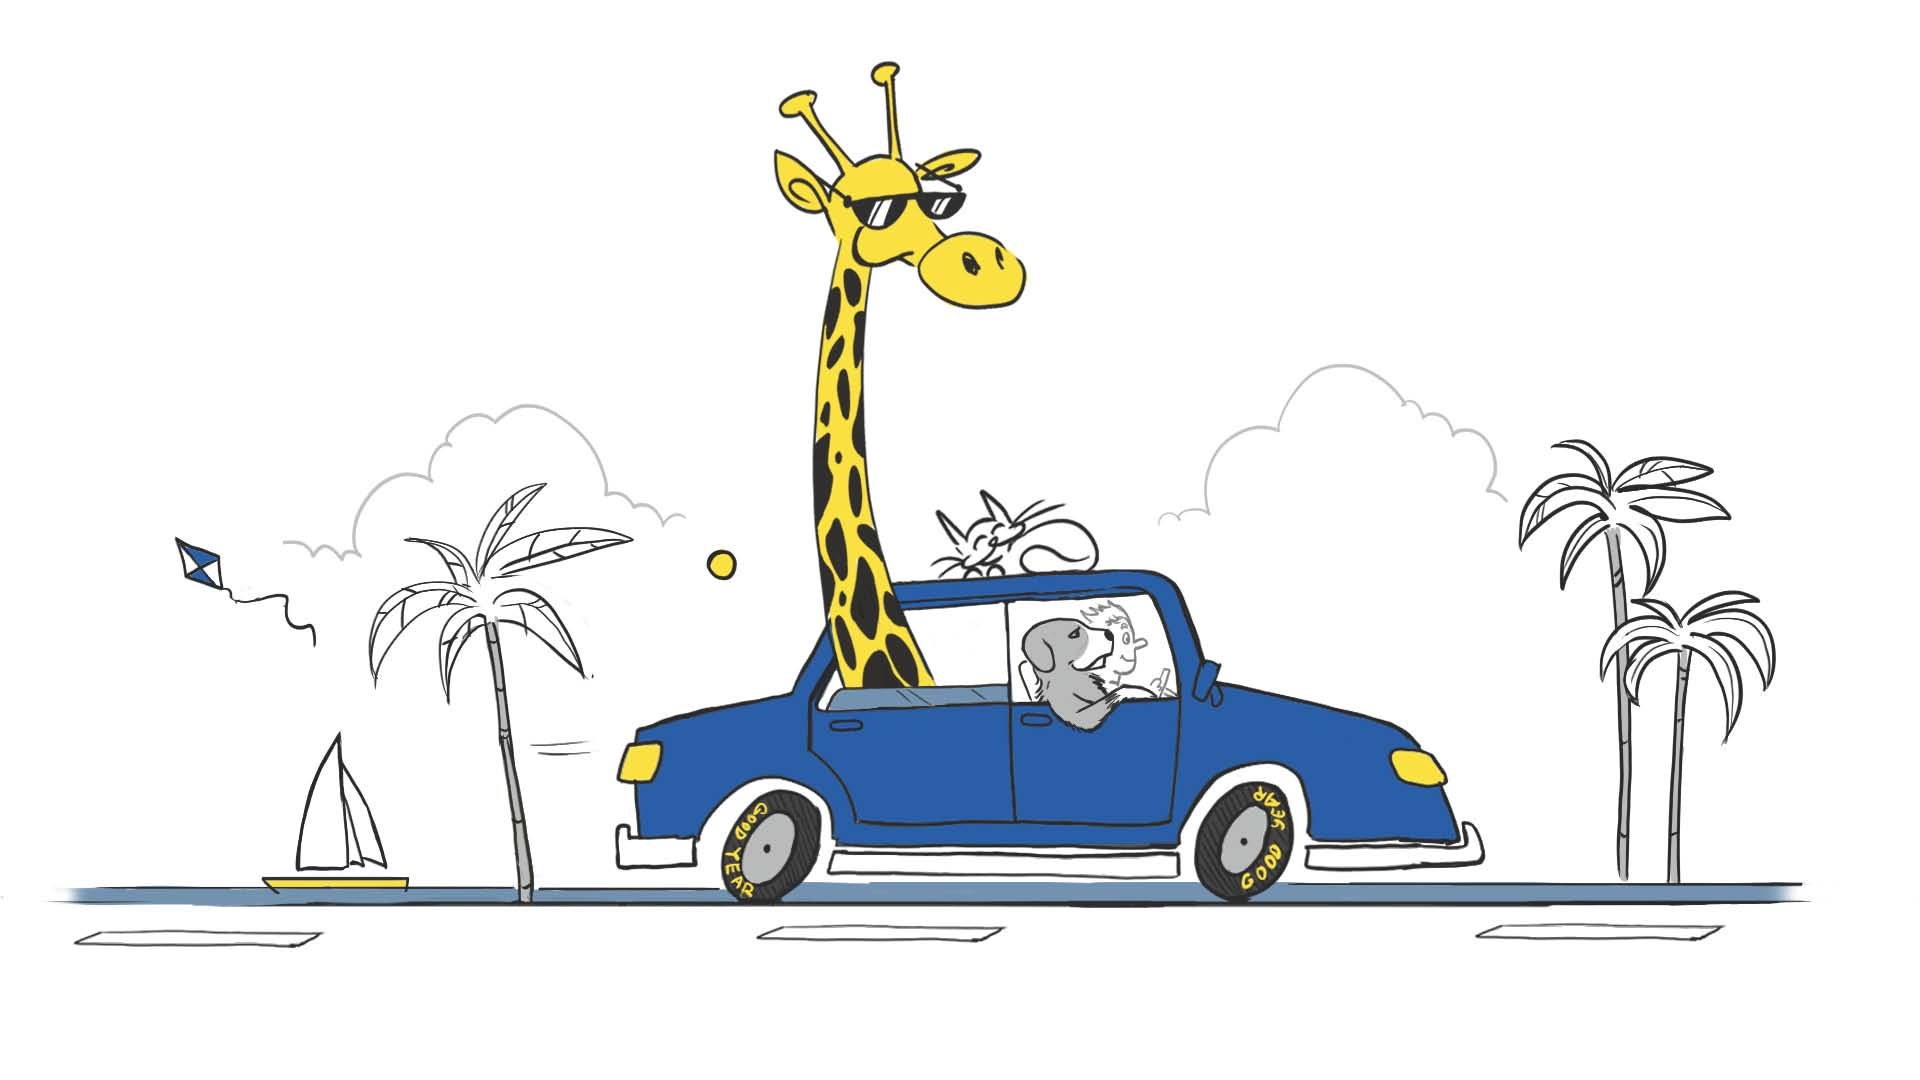 9. Háziállatokat soha ne hagyjon szabadon mozogni az autóban!